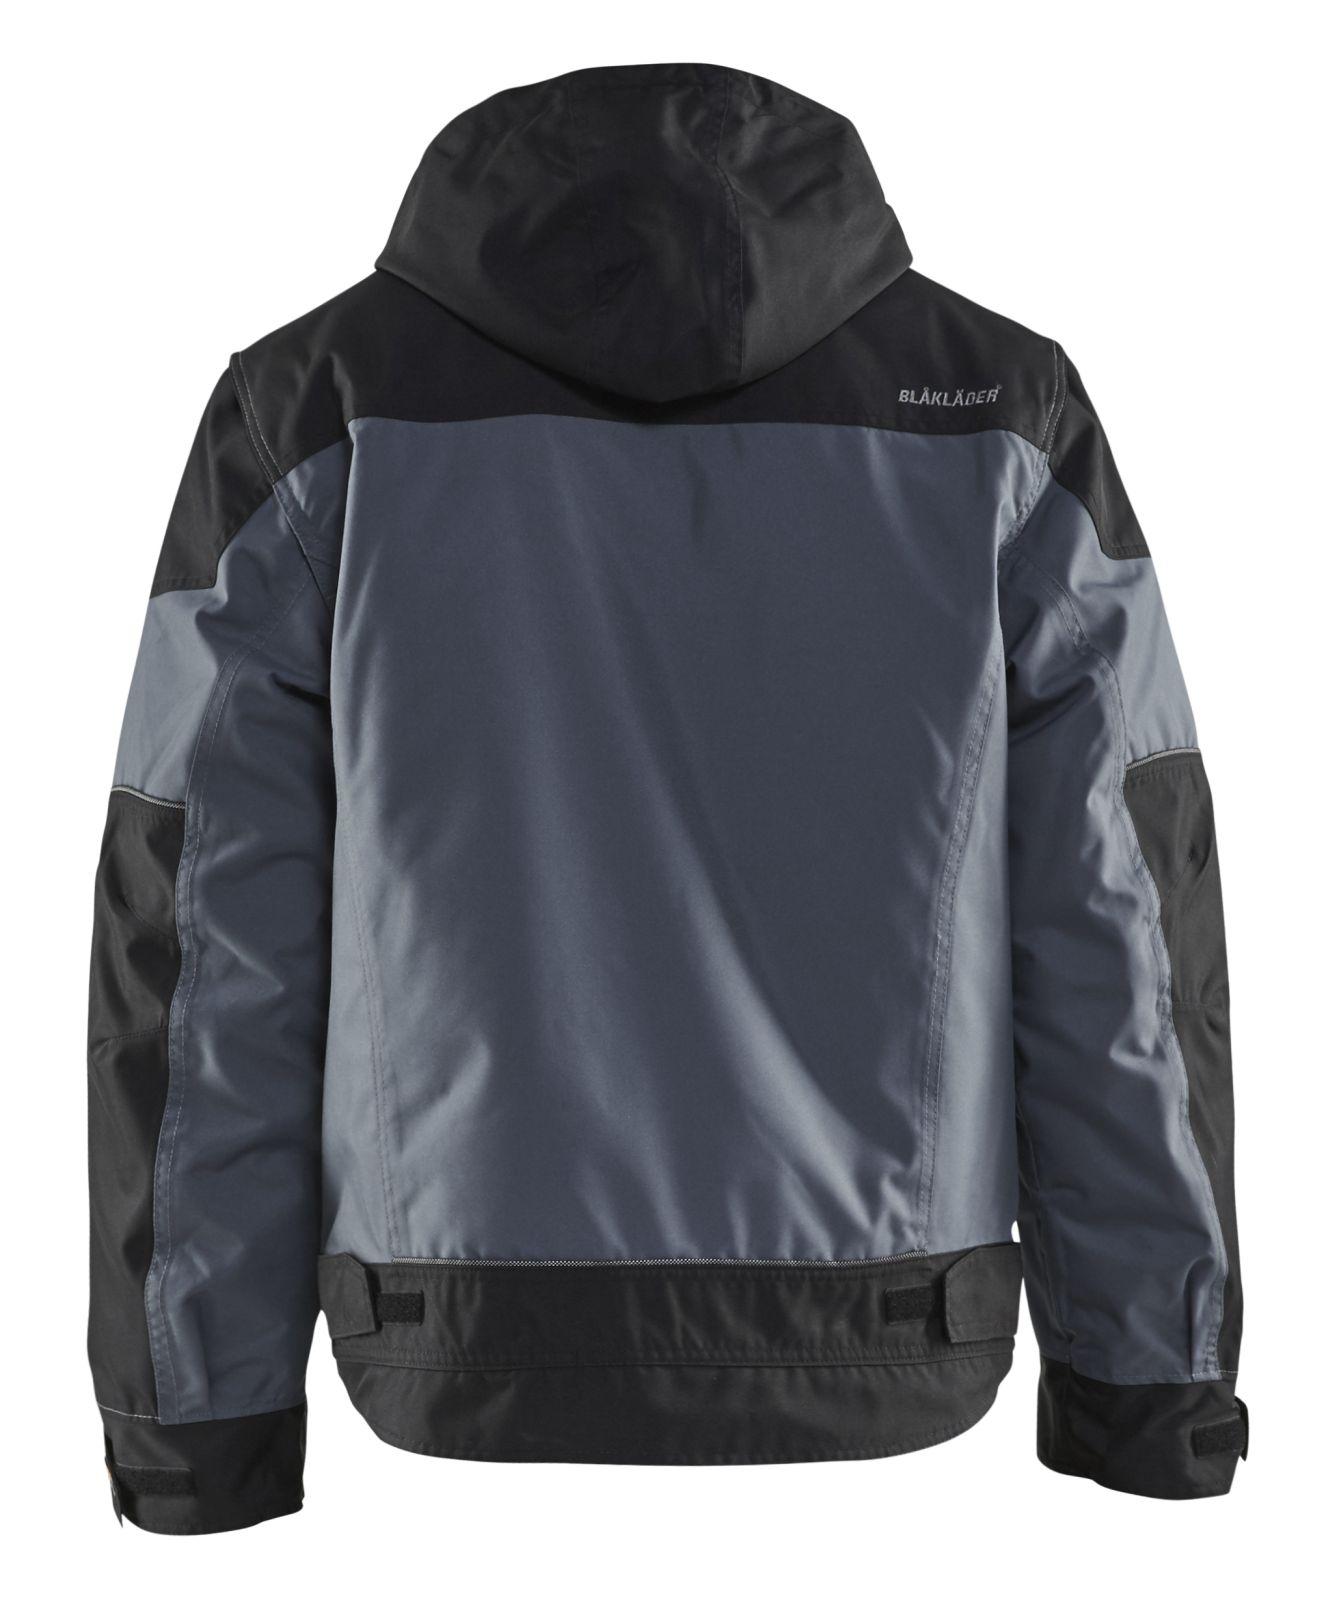 Blaklader Jassen 48861977 grijs-zwart(9499)